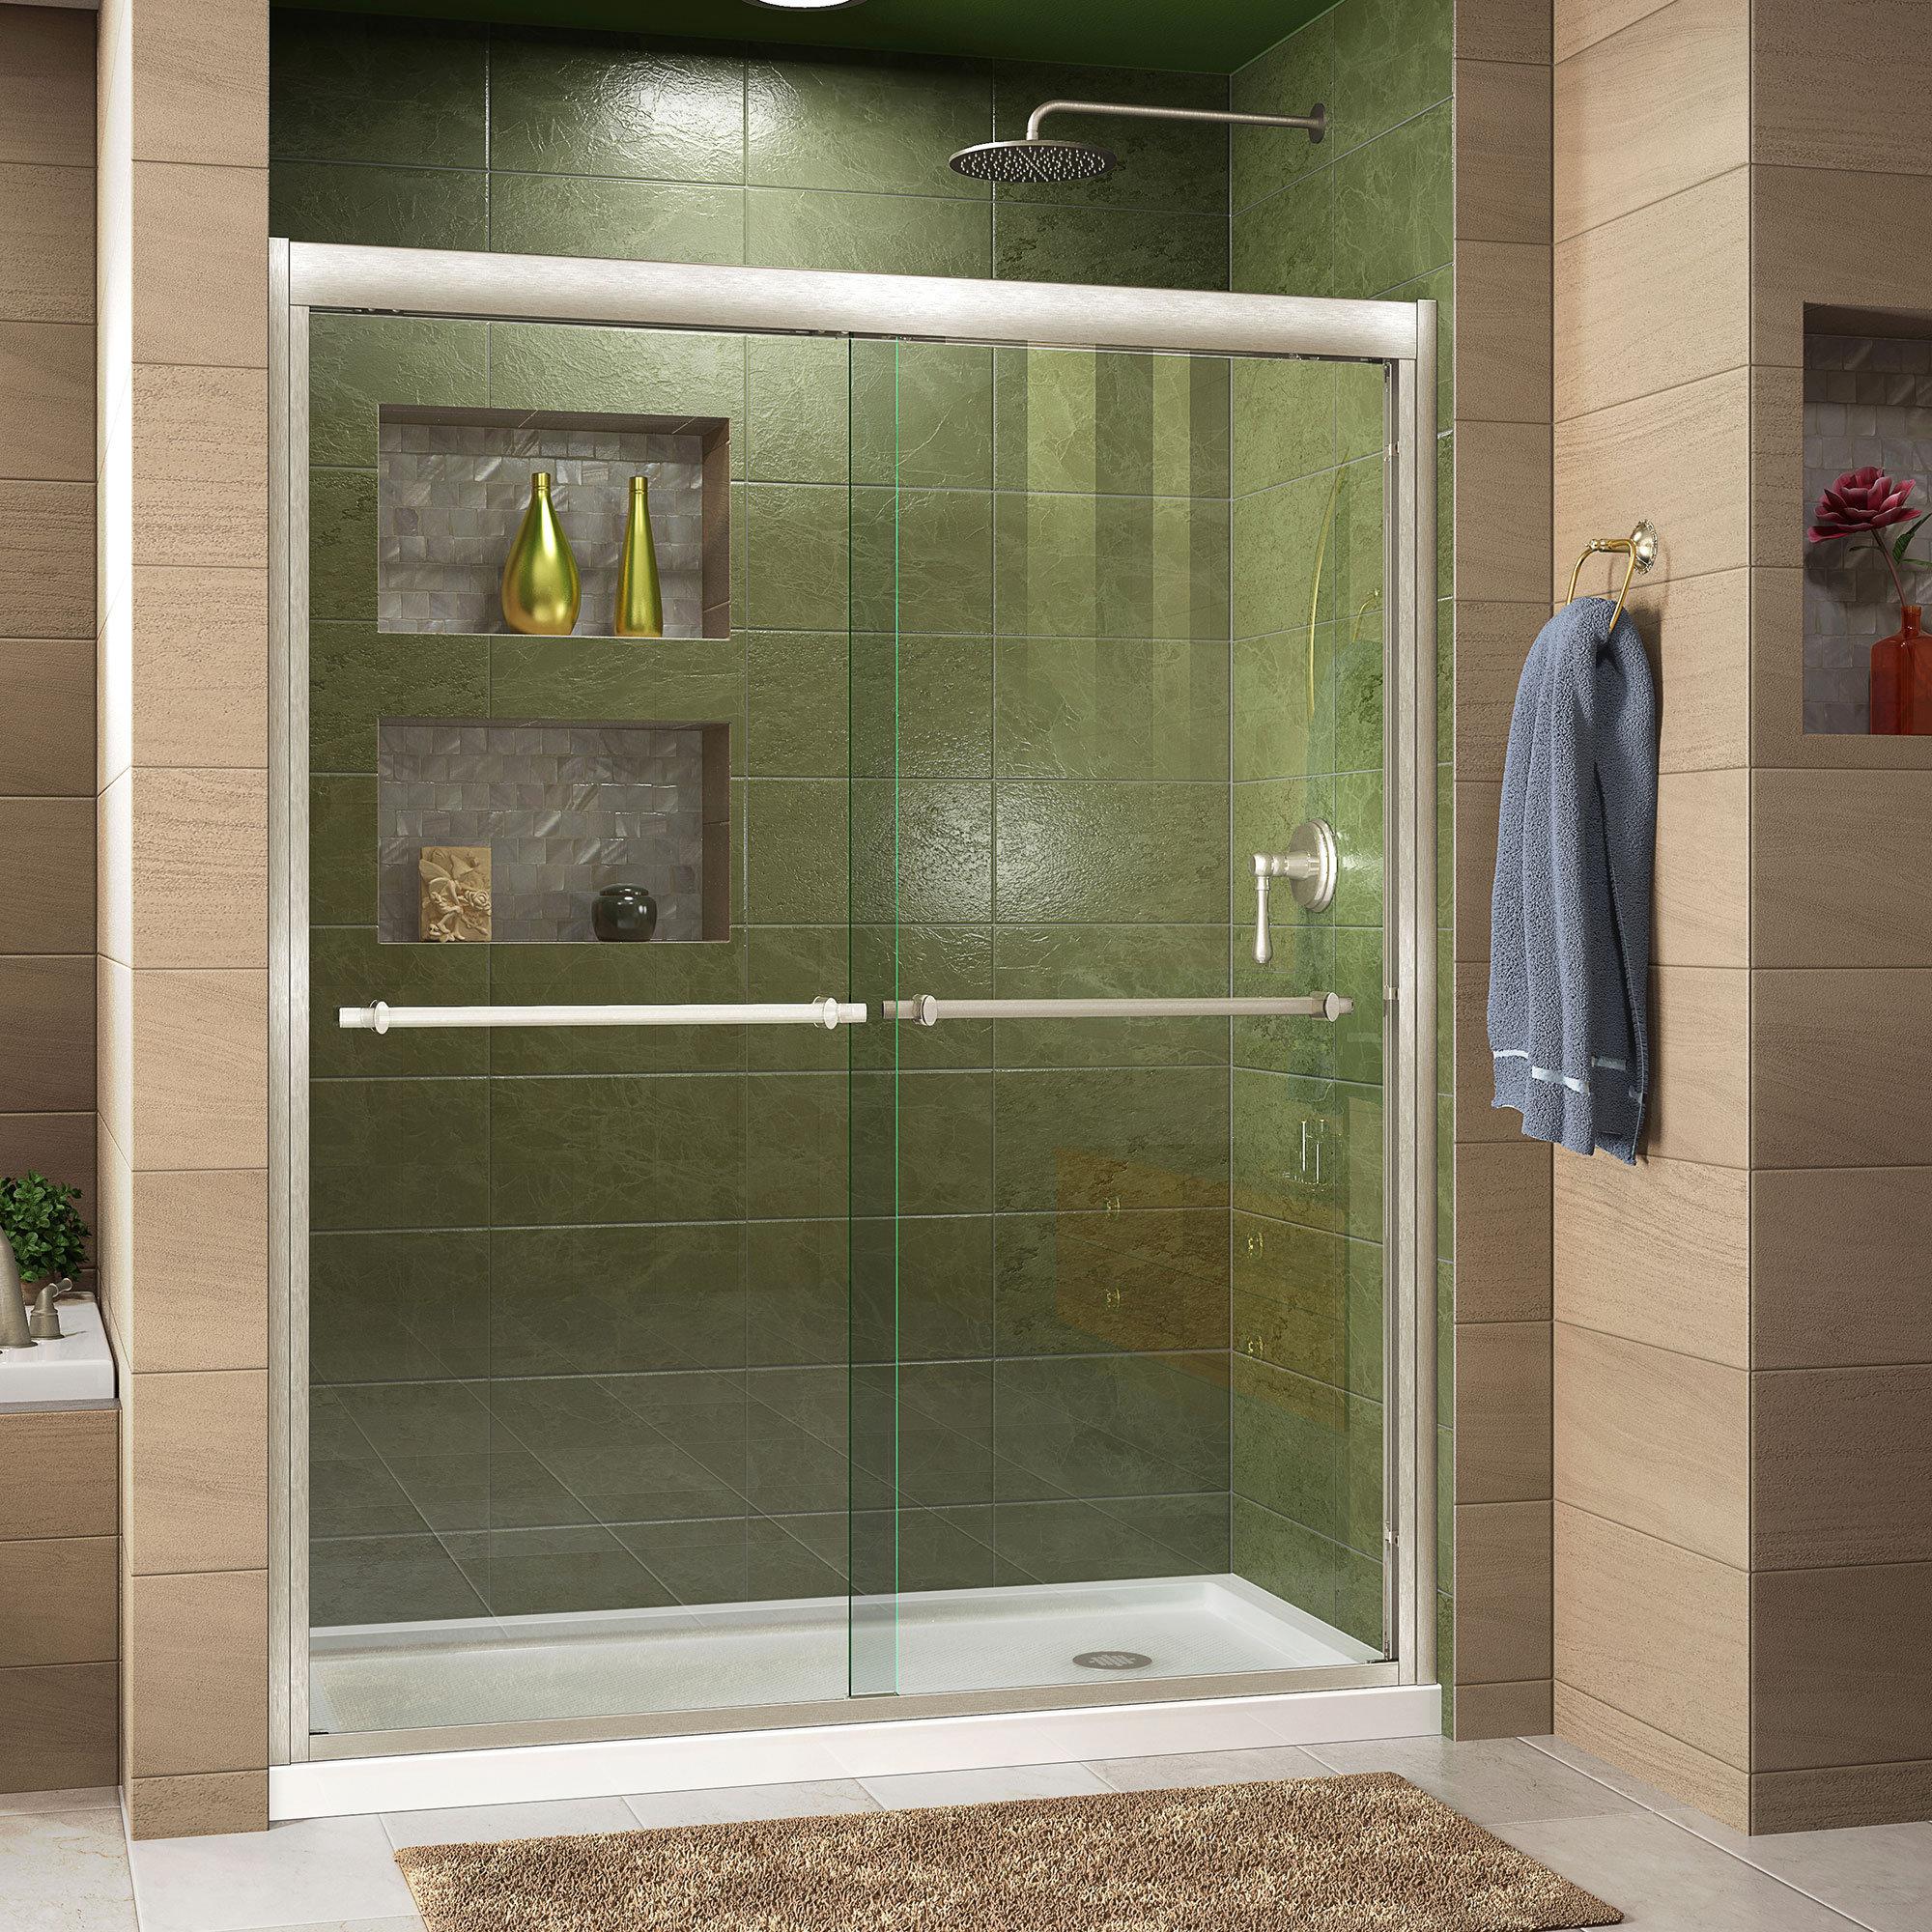 Duet 48 X 74 75 Bypass Semi Frameless Shower Door